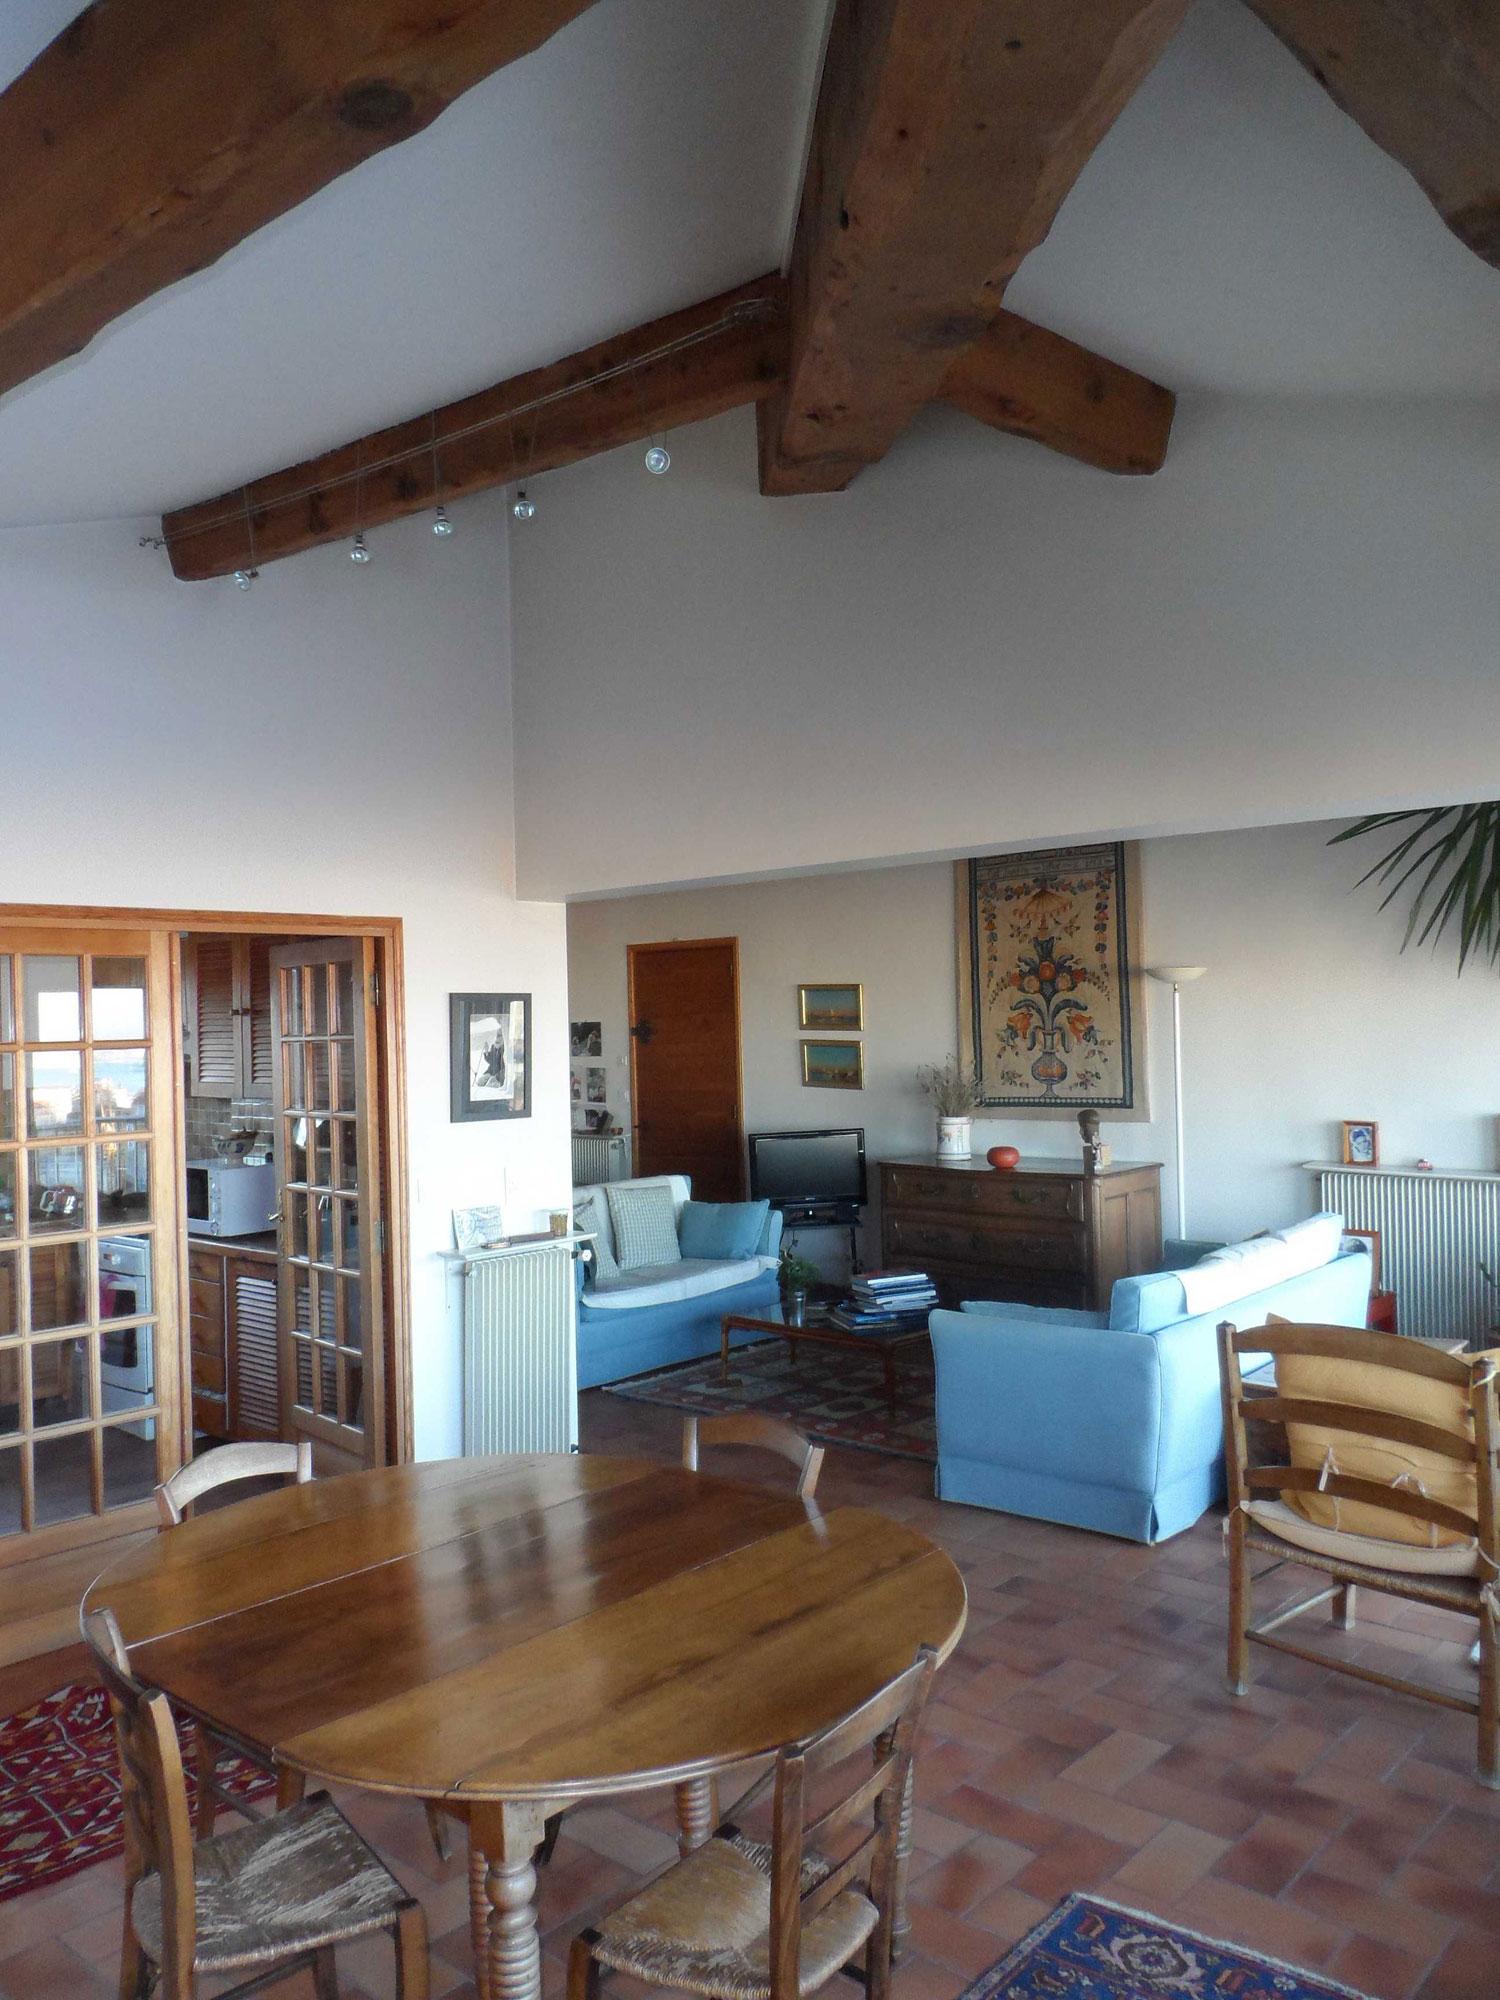 marseille bruno geli architecte dplg lab ge. Black Bedroom Furniture Sets. Home Design Ideas